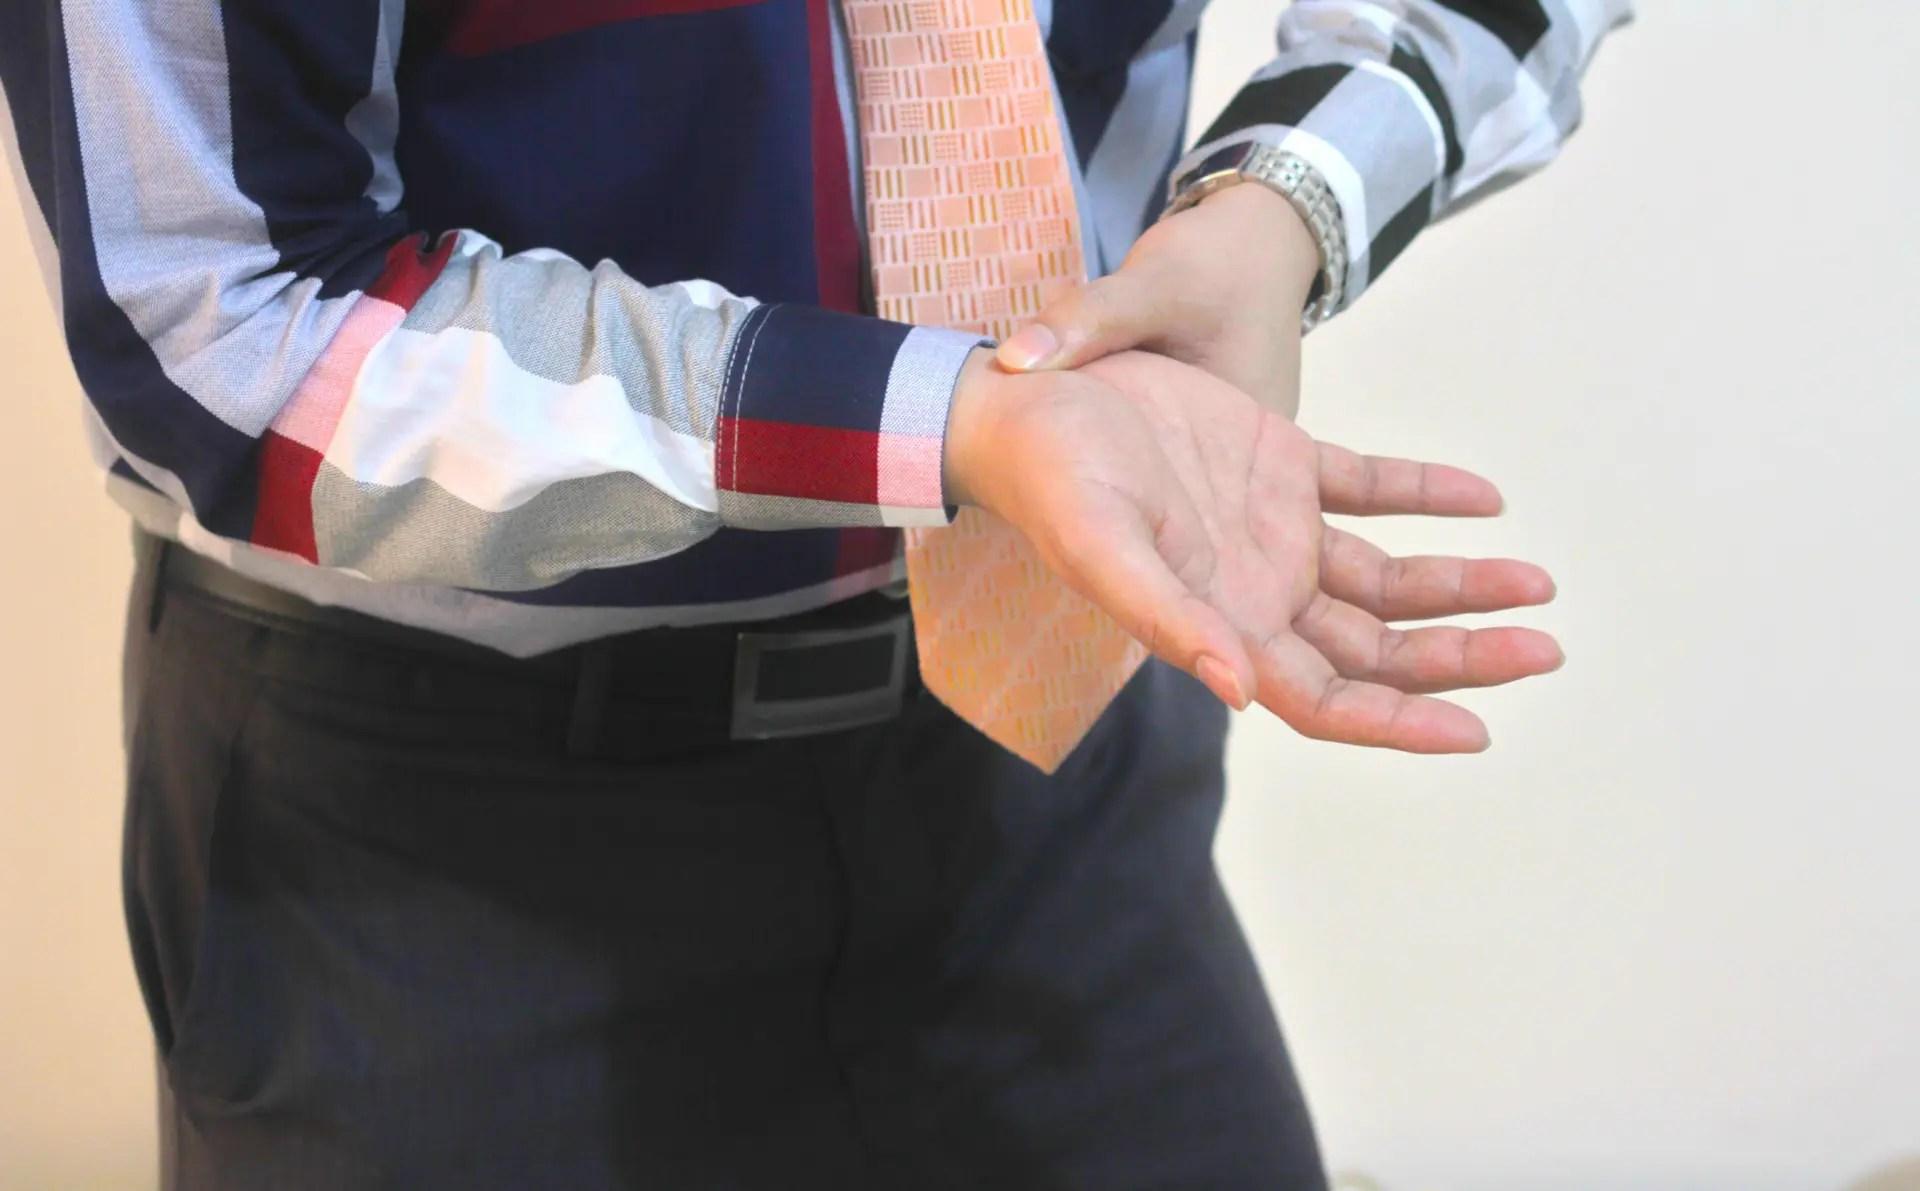 Kéztő alagút szindróma műtét (Carpalis alagút felszabadító műtét)